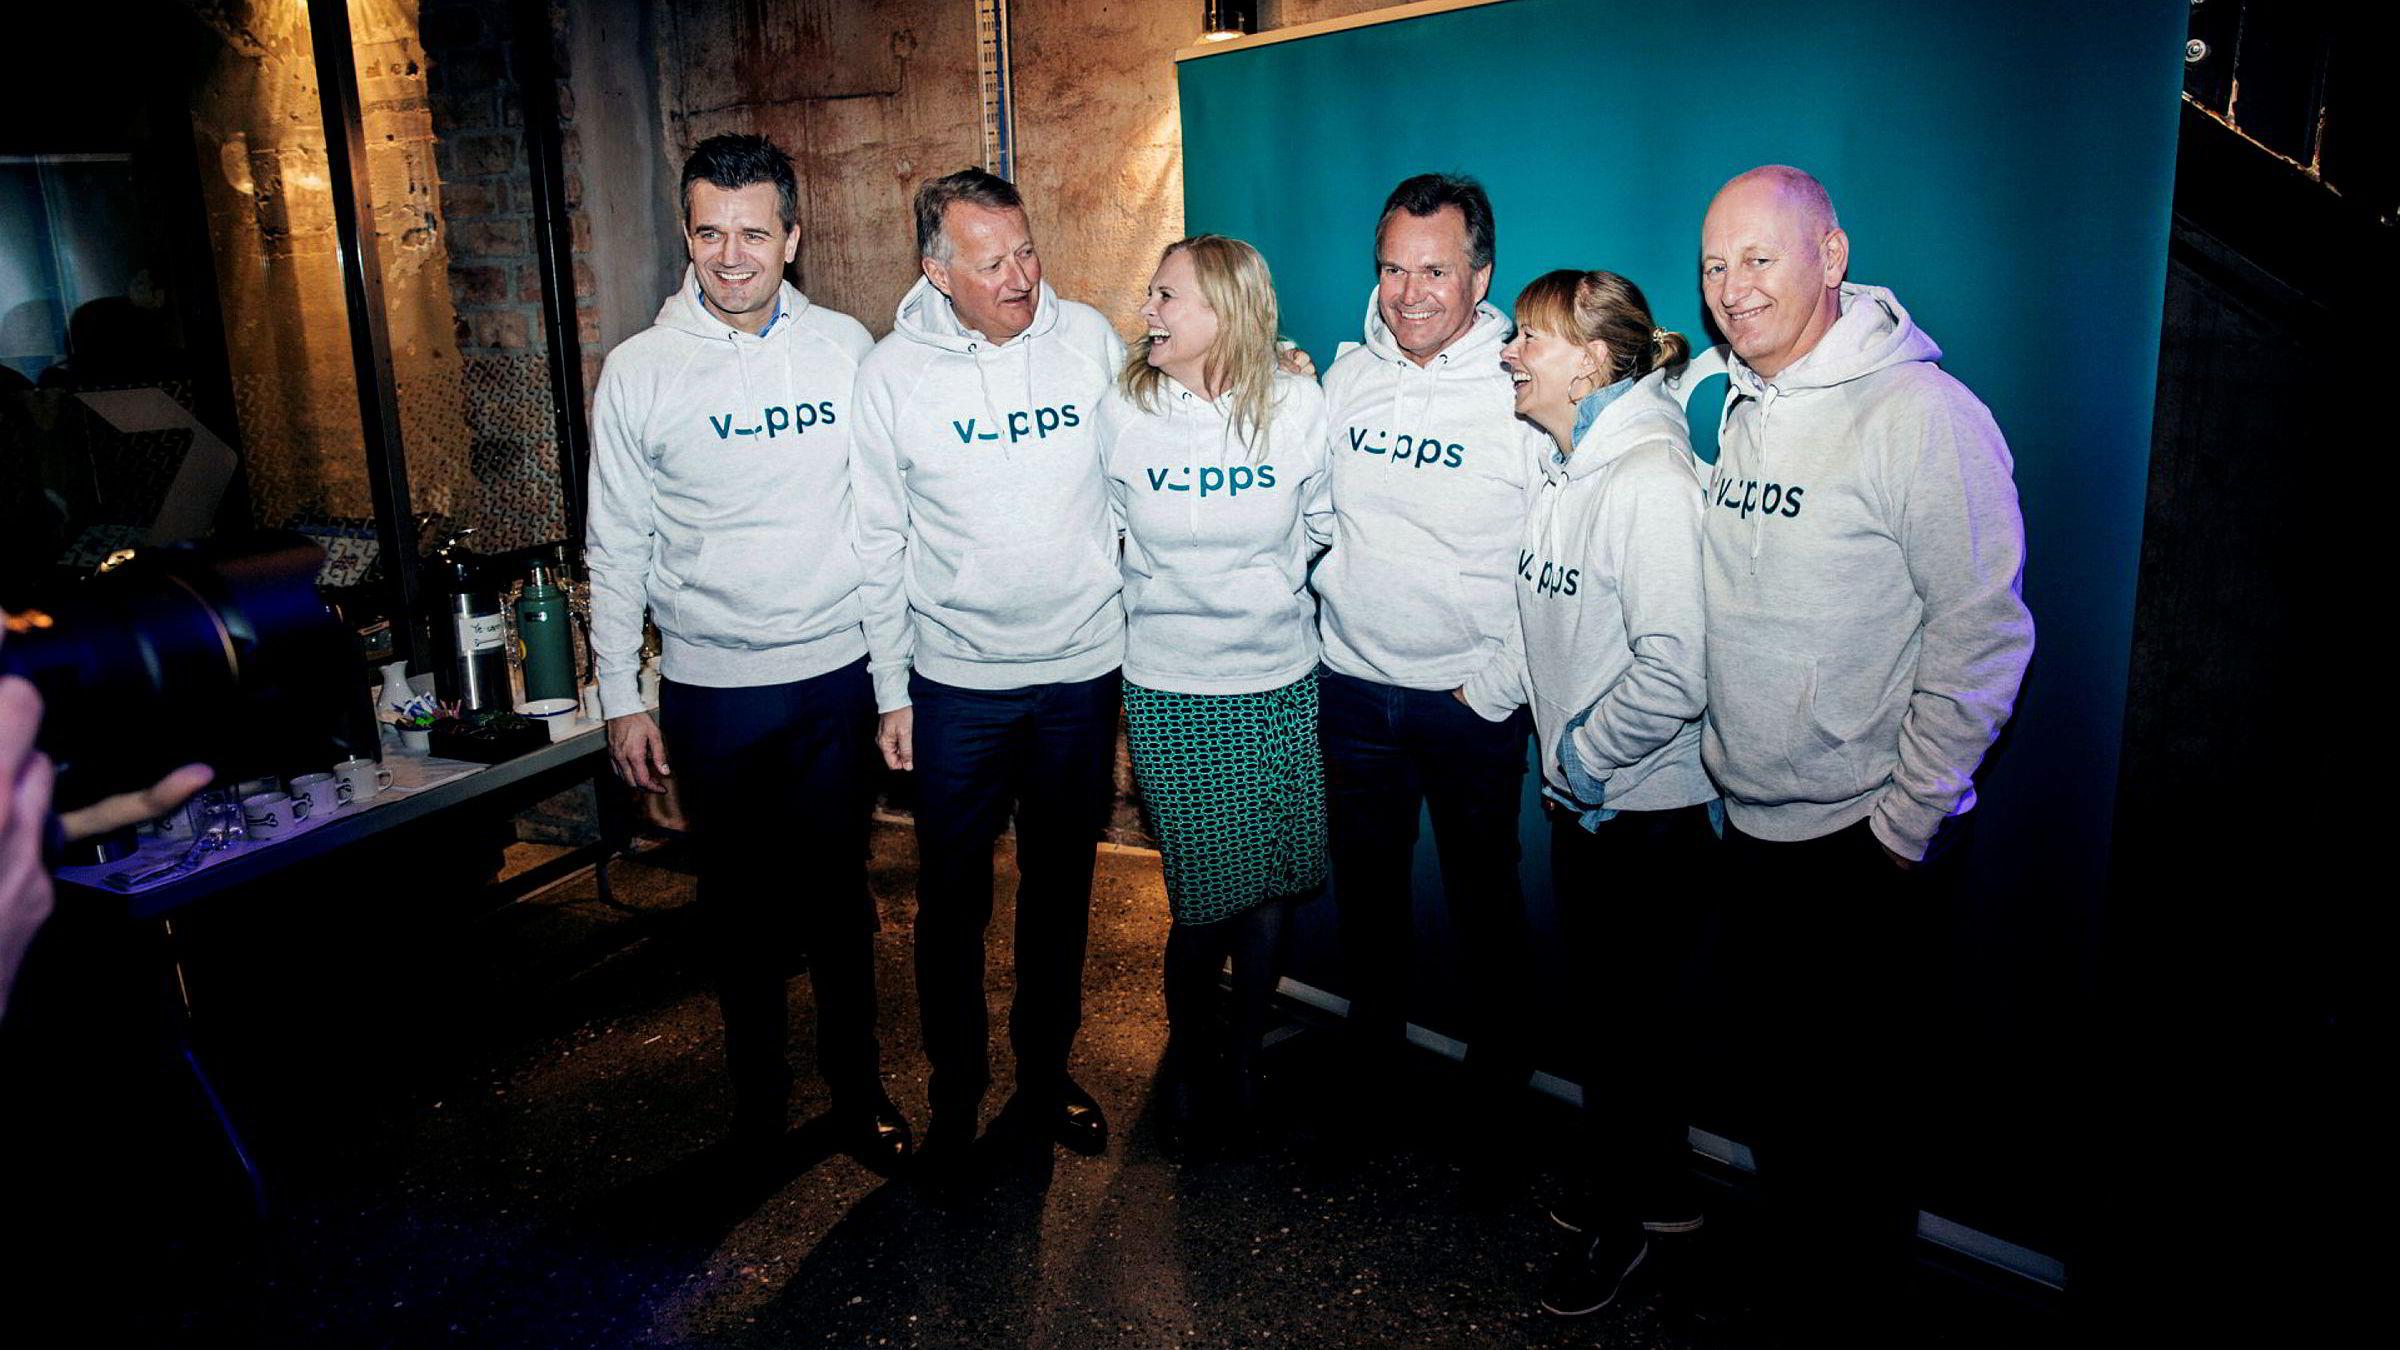 Vipps-sjef Rune Garborg (fra venstre) og DNB-sjef Rune Bjerke ville ha appen alene. Han ble tvunget til å snu av Eika-sjef Hege Toft Karlsen, Sparebank 1 SMN-sjef Finn Haugan, Mcash-sjef Elisabeth Haug og Geir Bergskaug i Sparebanken Sør.